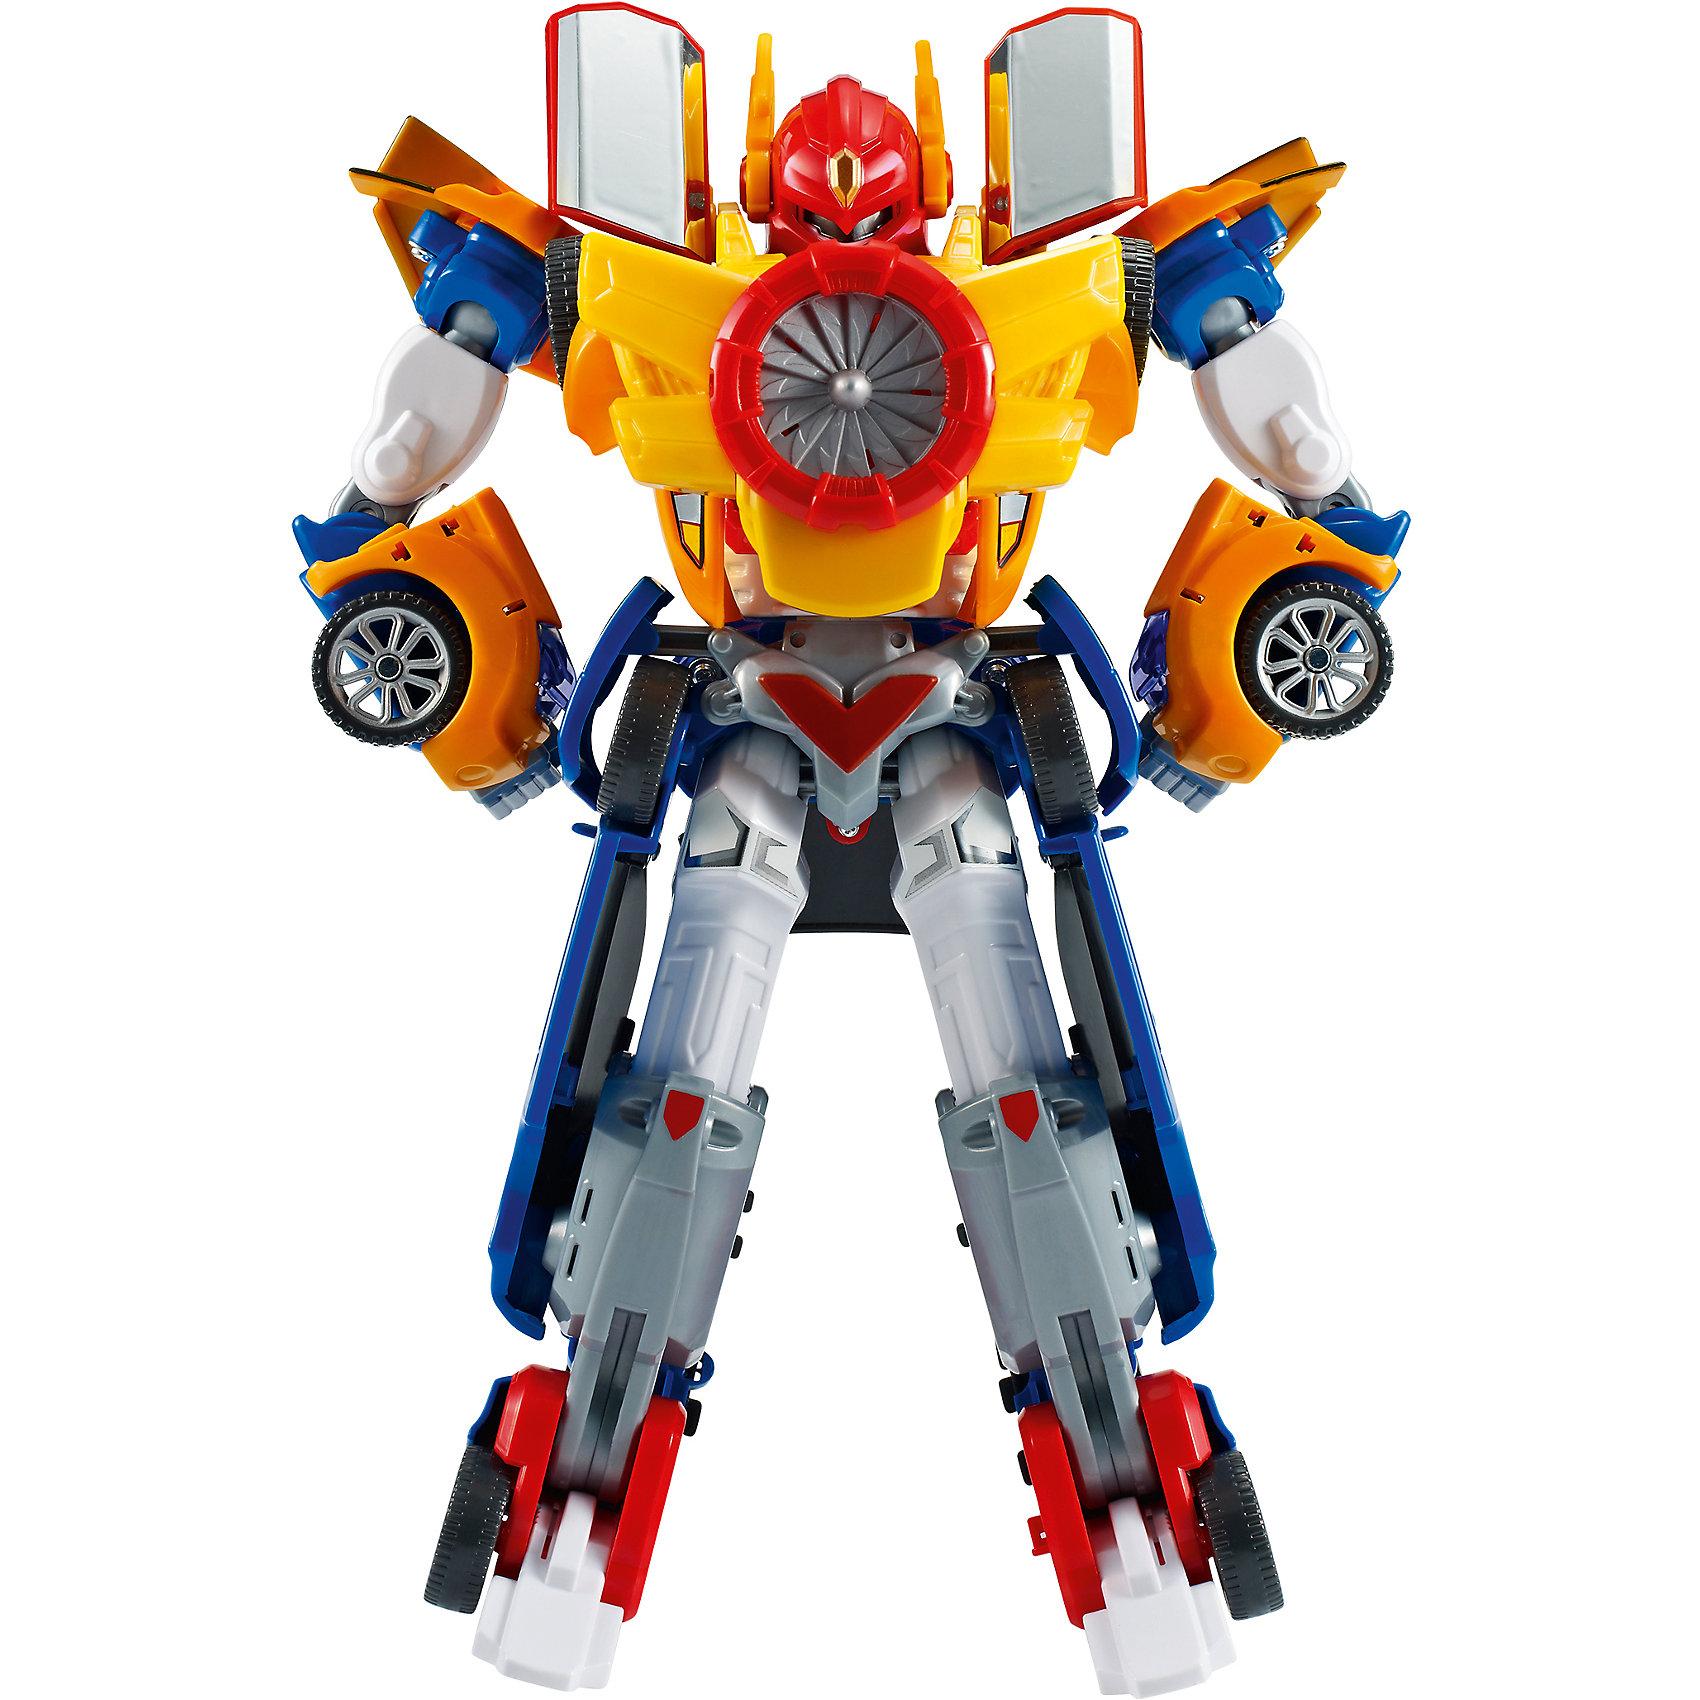 Трансформер Титан урагановый СпинРобот-трансформер быстро превращается в две красивых машинки с рельефными колесами, для этого нужно всего лишь разделить робота пополам и сложить в определенном порядке. Такая игрушка поспособствует развитию фантазии, мышлению и мелкой моторике рук.<br><br>Дополнительная информация:<br><br>- Возраст: от 3 лет.<br>- В наборе: робот, наклейки, карточки 6 шт., аксессуары.<br>- Материал: пластик.<br>- Размер упаковки: 16х16х34 см.<br>- Вес в упаковке: 300 г.<br><br>Купить трансформер Титан урагановый Спин, можно в нашем магазине.<br><br>Ширина мм: 160<br>Глубина мм: 160<br>Высота мм: 340<br>Вес г: 300<br>Возраст от месяцев: 36<br>Возраст до месяцев: 2147483647<br>Пол: Мужской<br>Возраст: Детский<br>SKU: 5028891